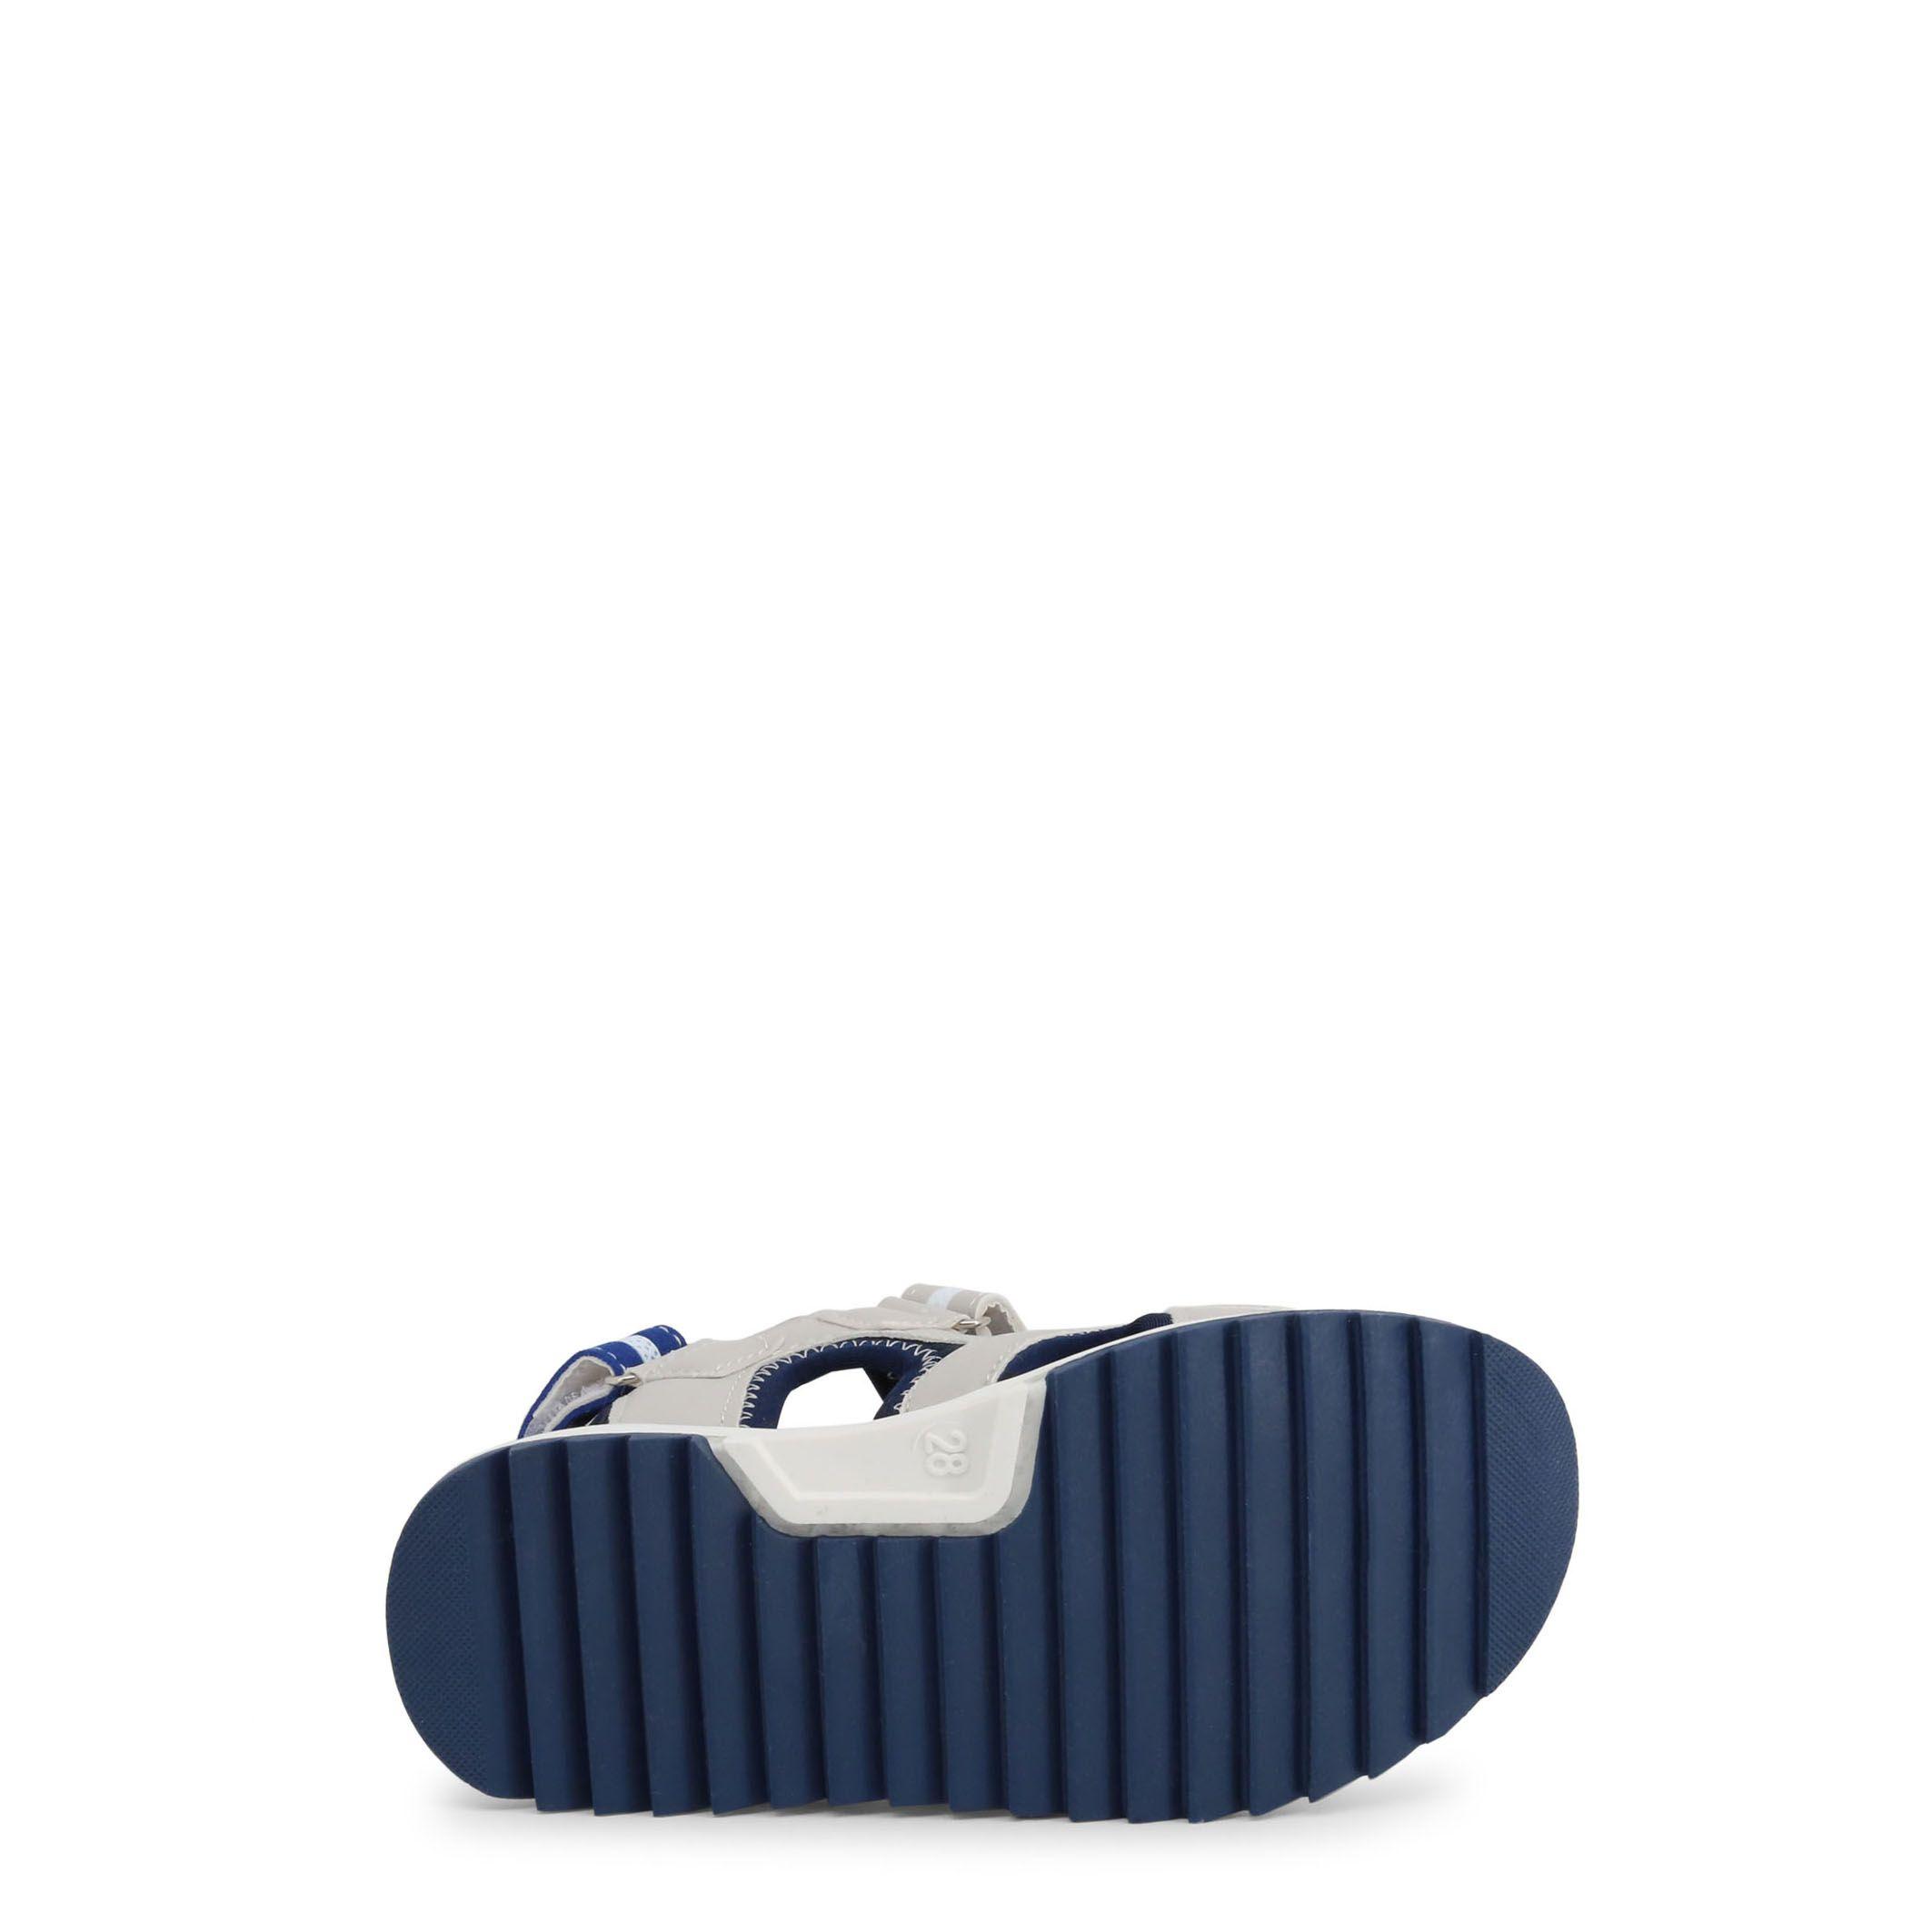 Sandales Shone – 7583-002